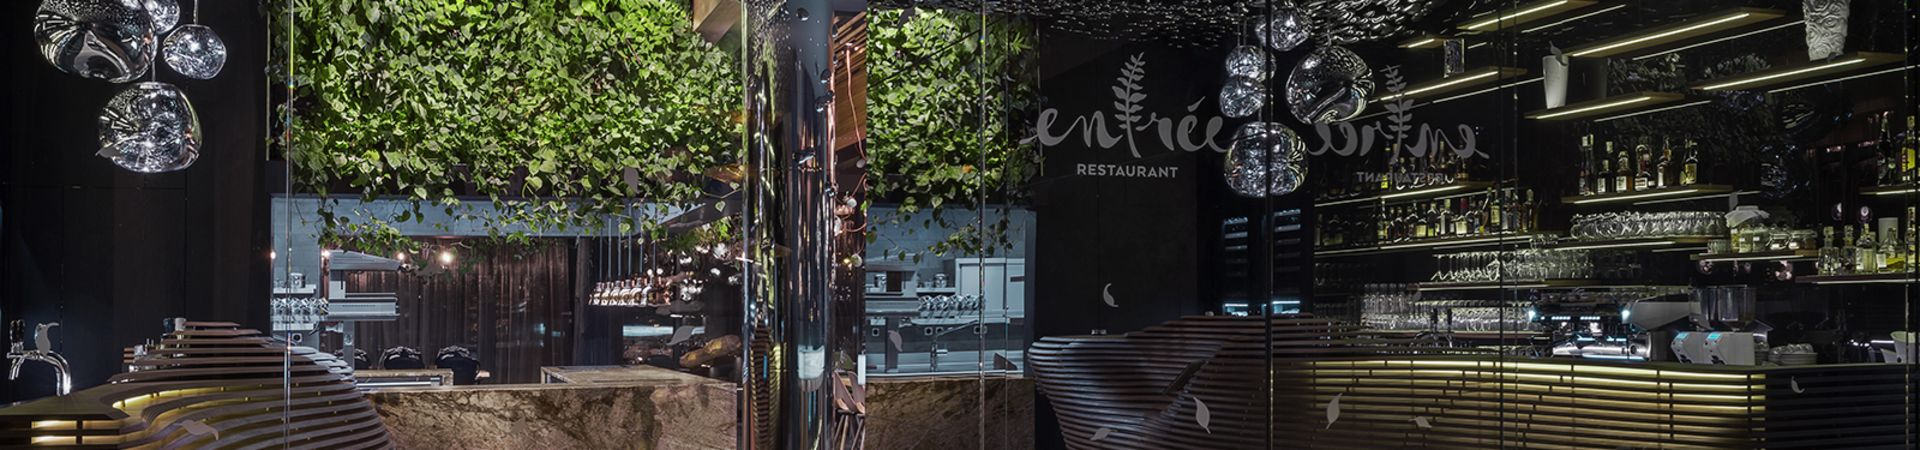 Resort Hodolany - Entrée Restaurant